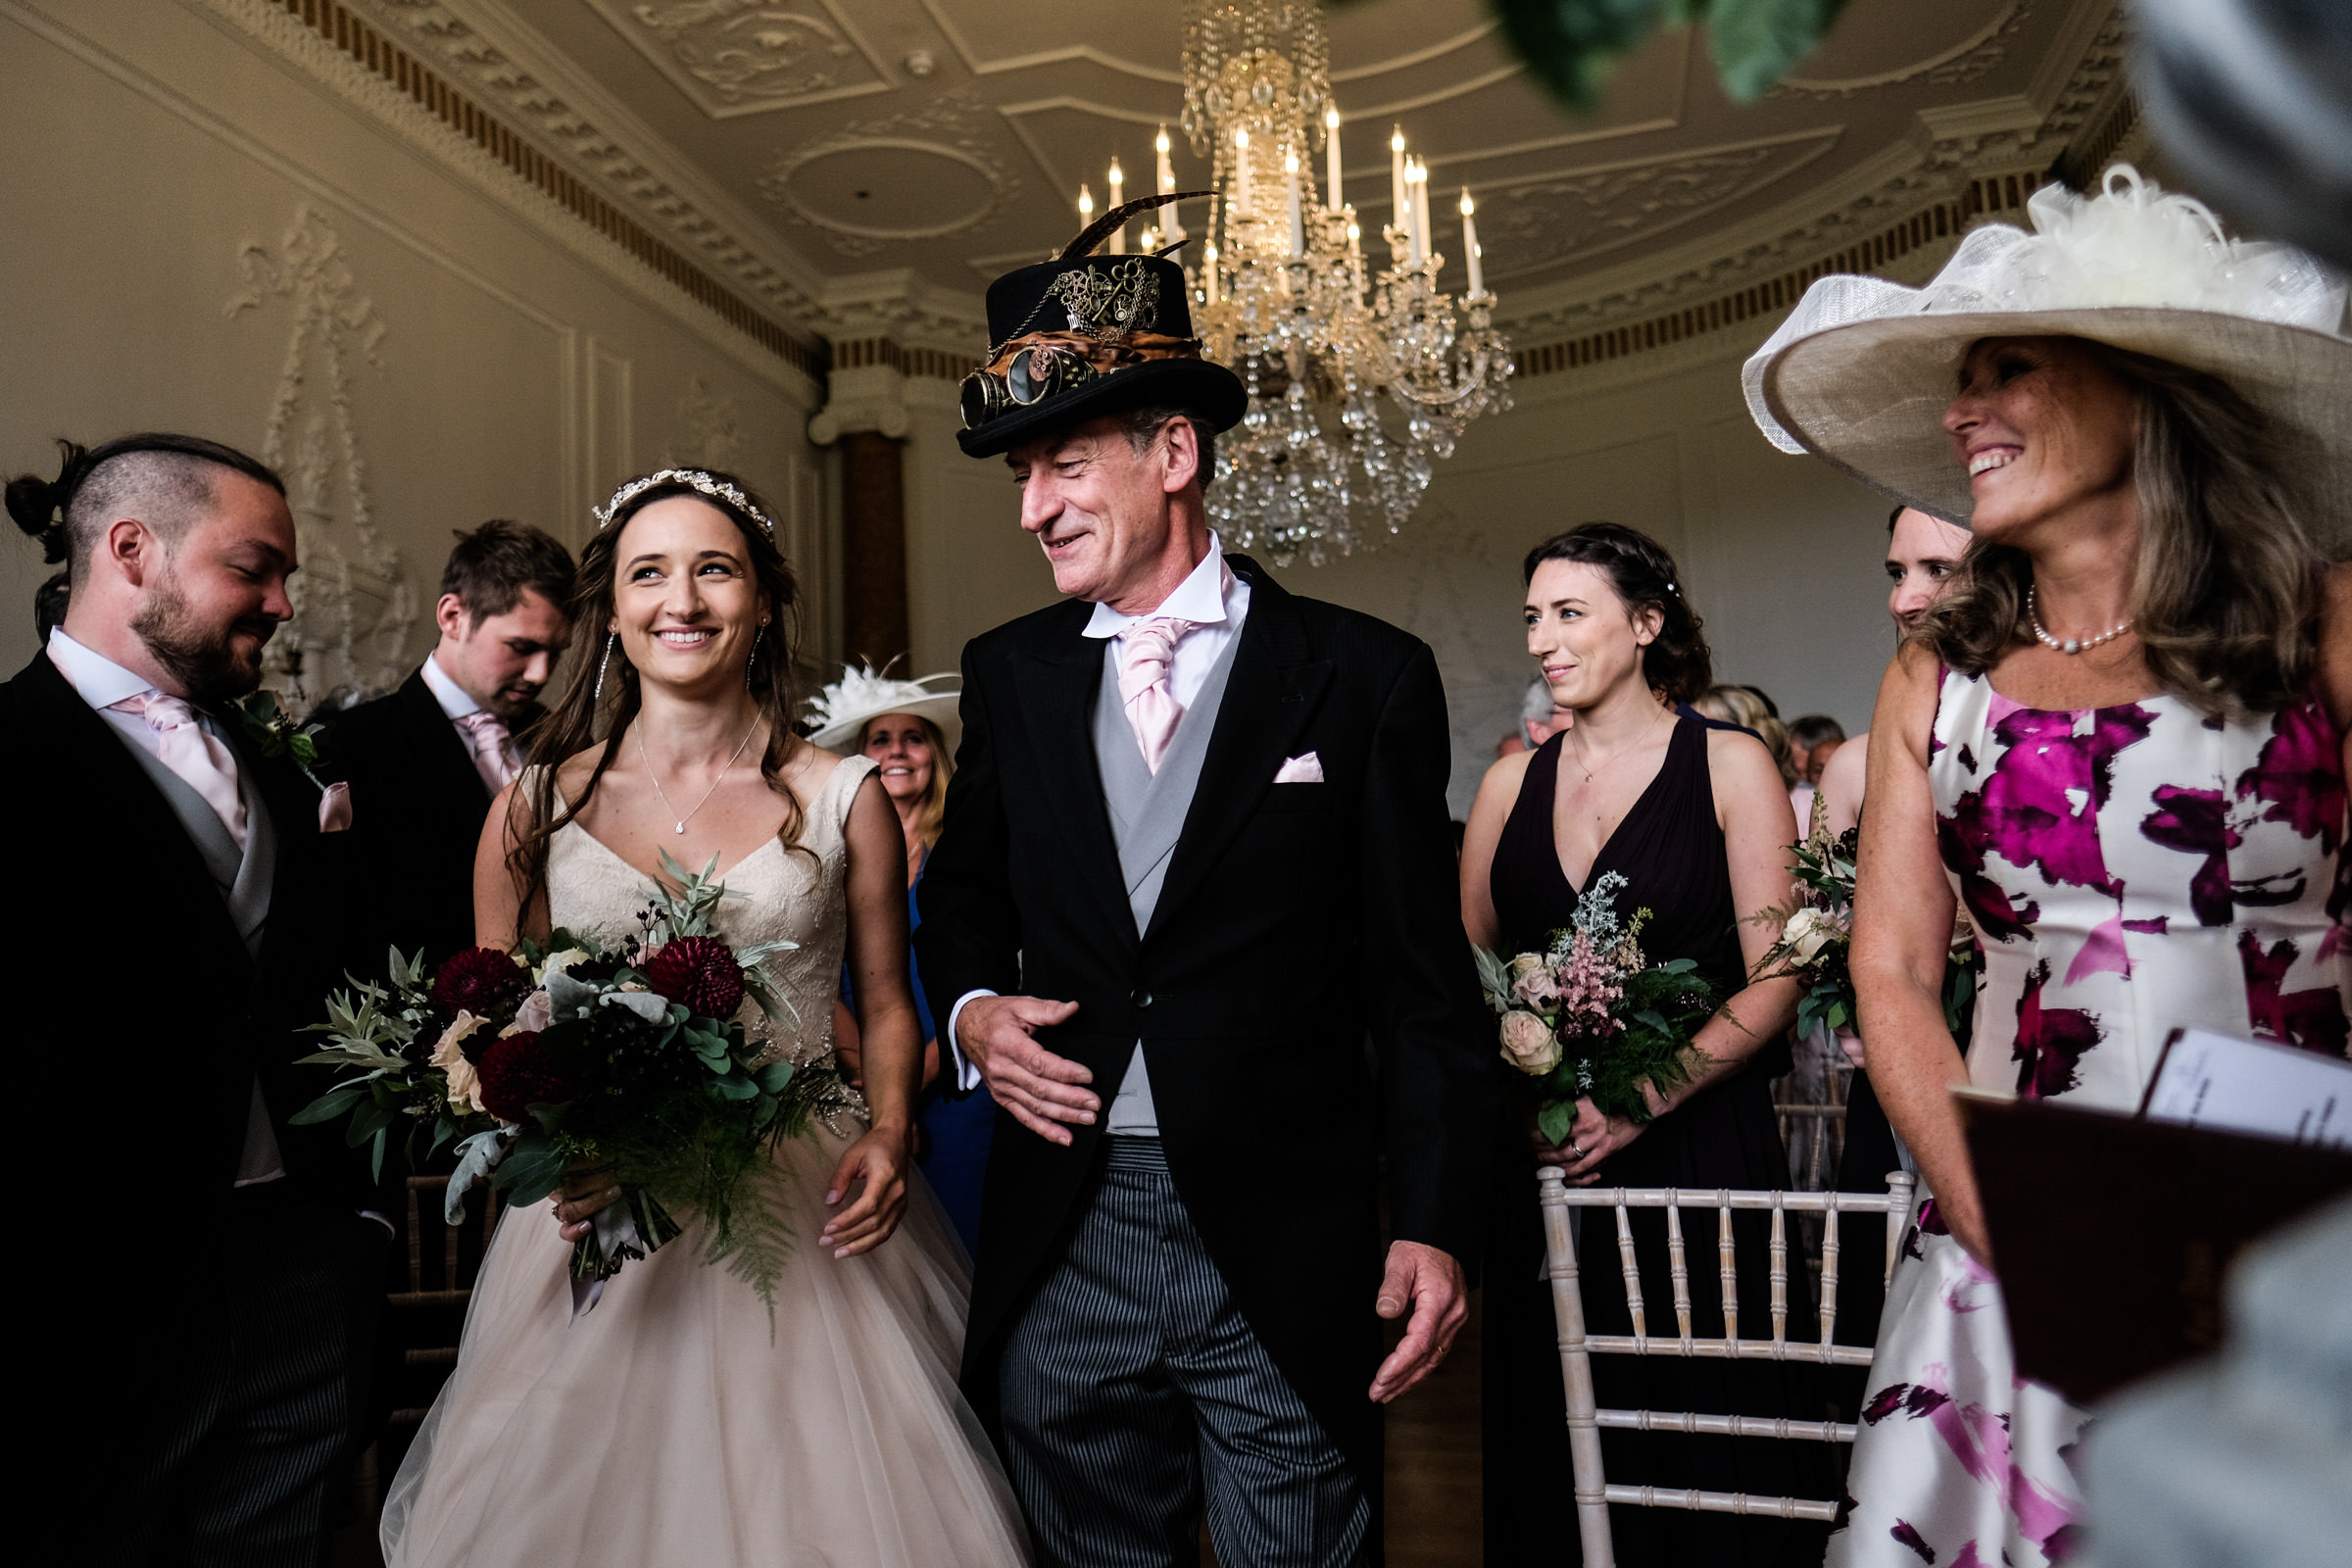 Rockbeare+Manor+Wedding+Photos+Devon+007.jpg